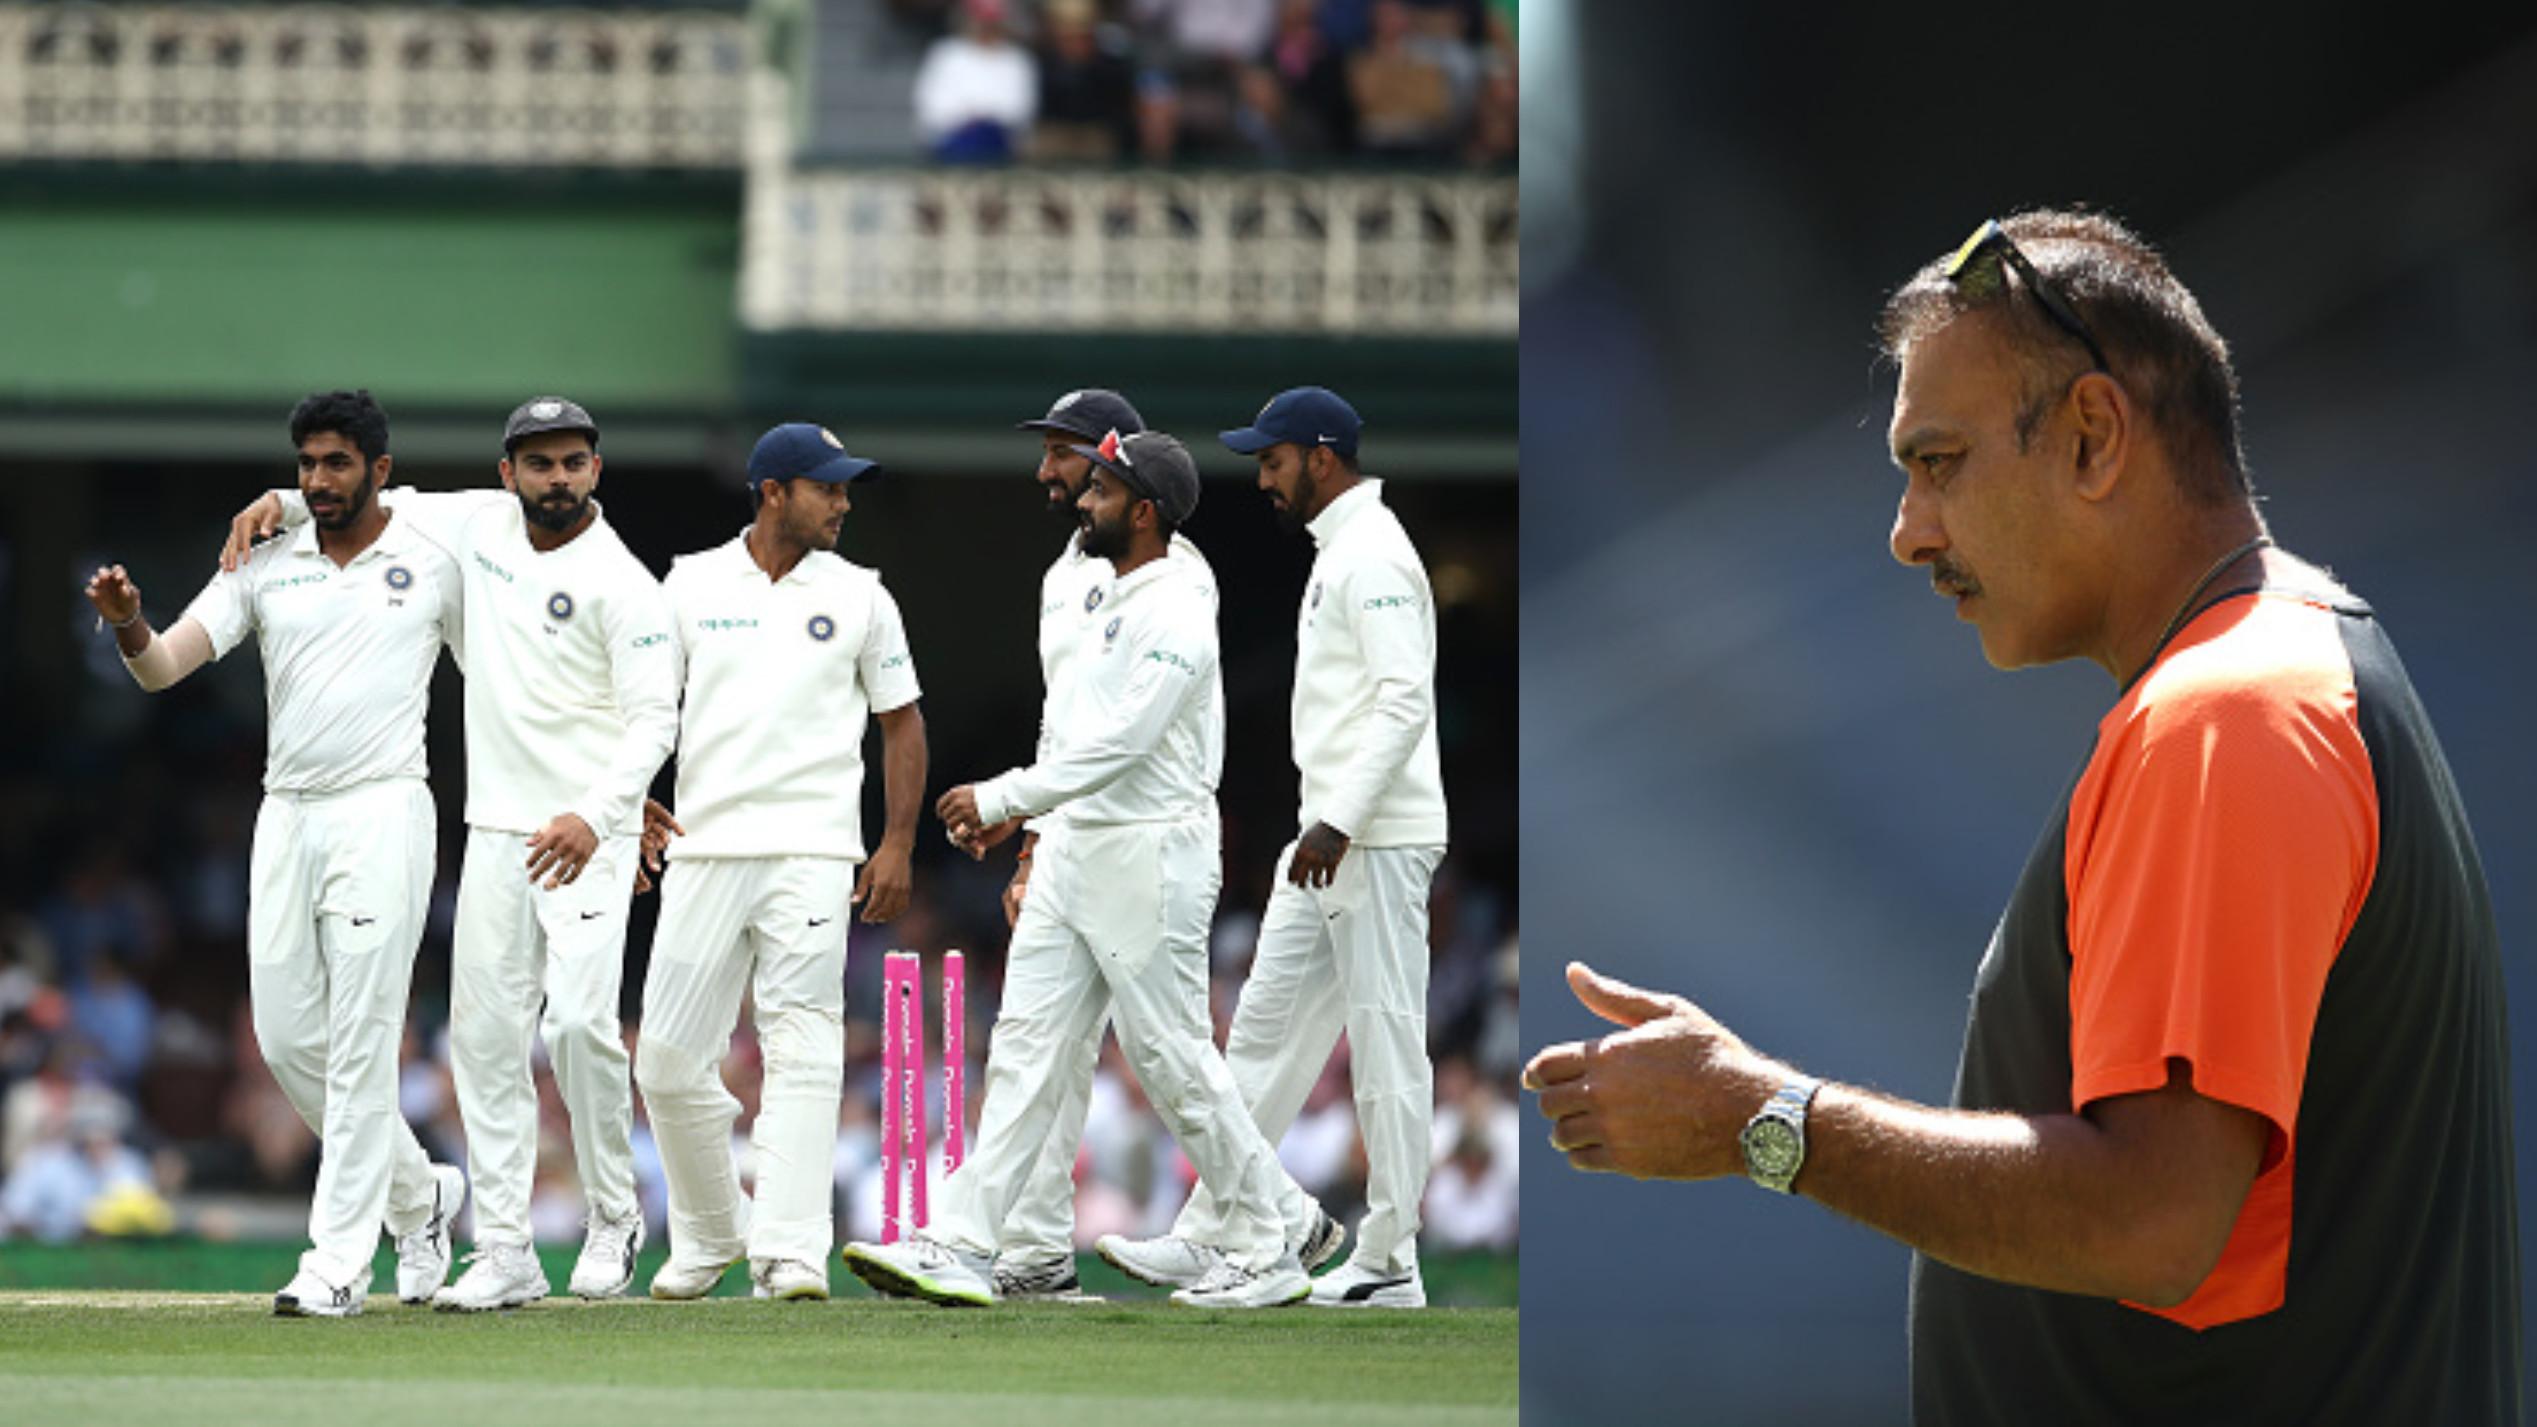 AUS v IND 2018-19: रवि शास्त्री ने खिलाड़ियों को अपने ड्राइवर लाइसेंस घर पर ही छोड़कर आने को कहा था